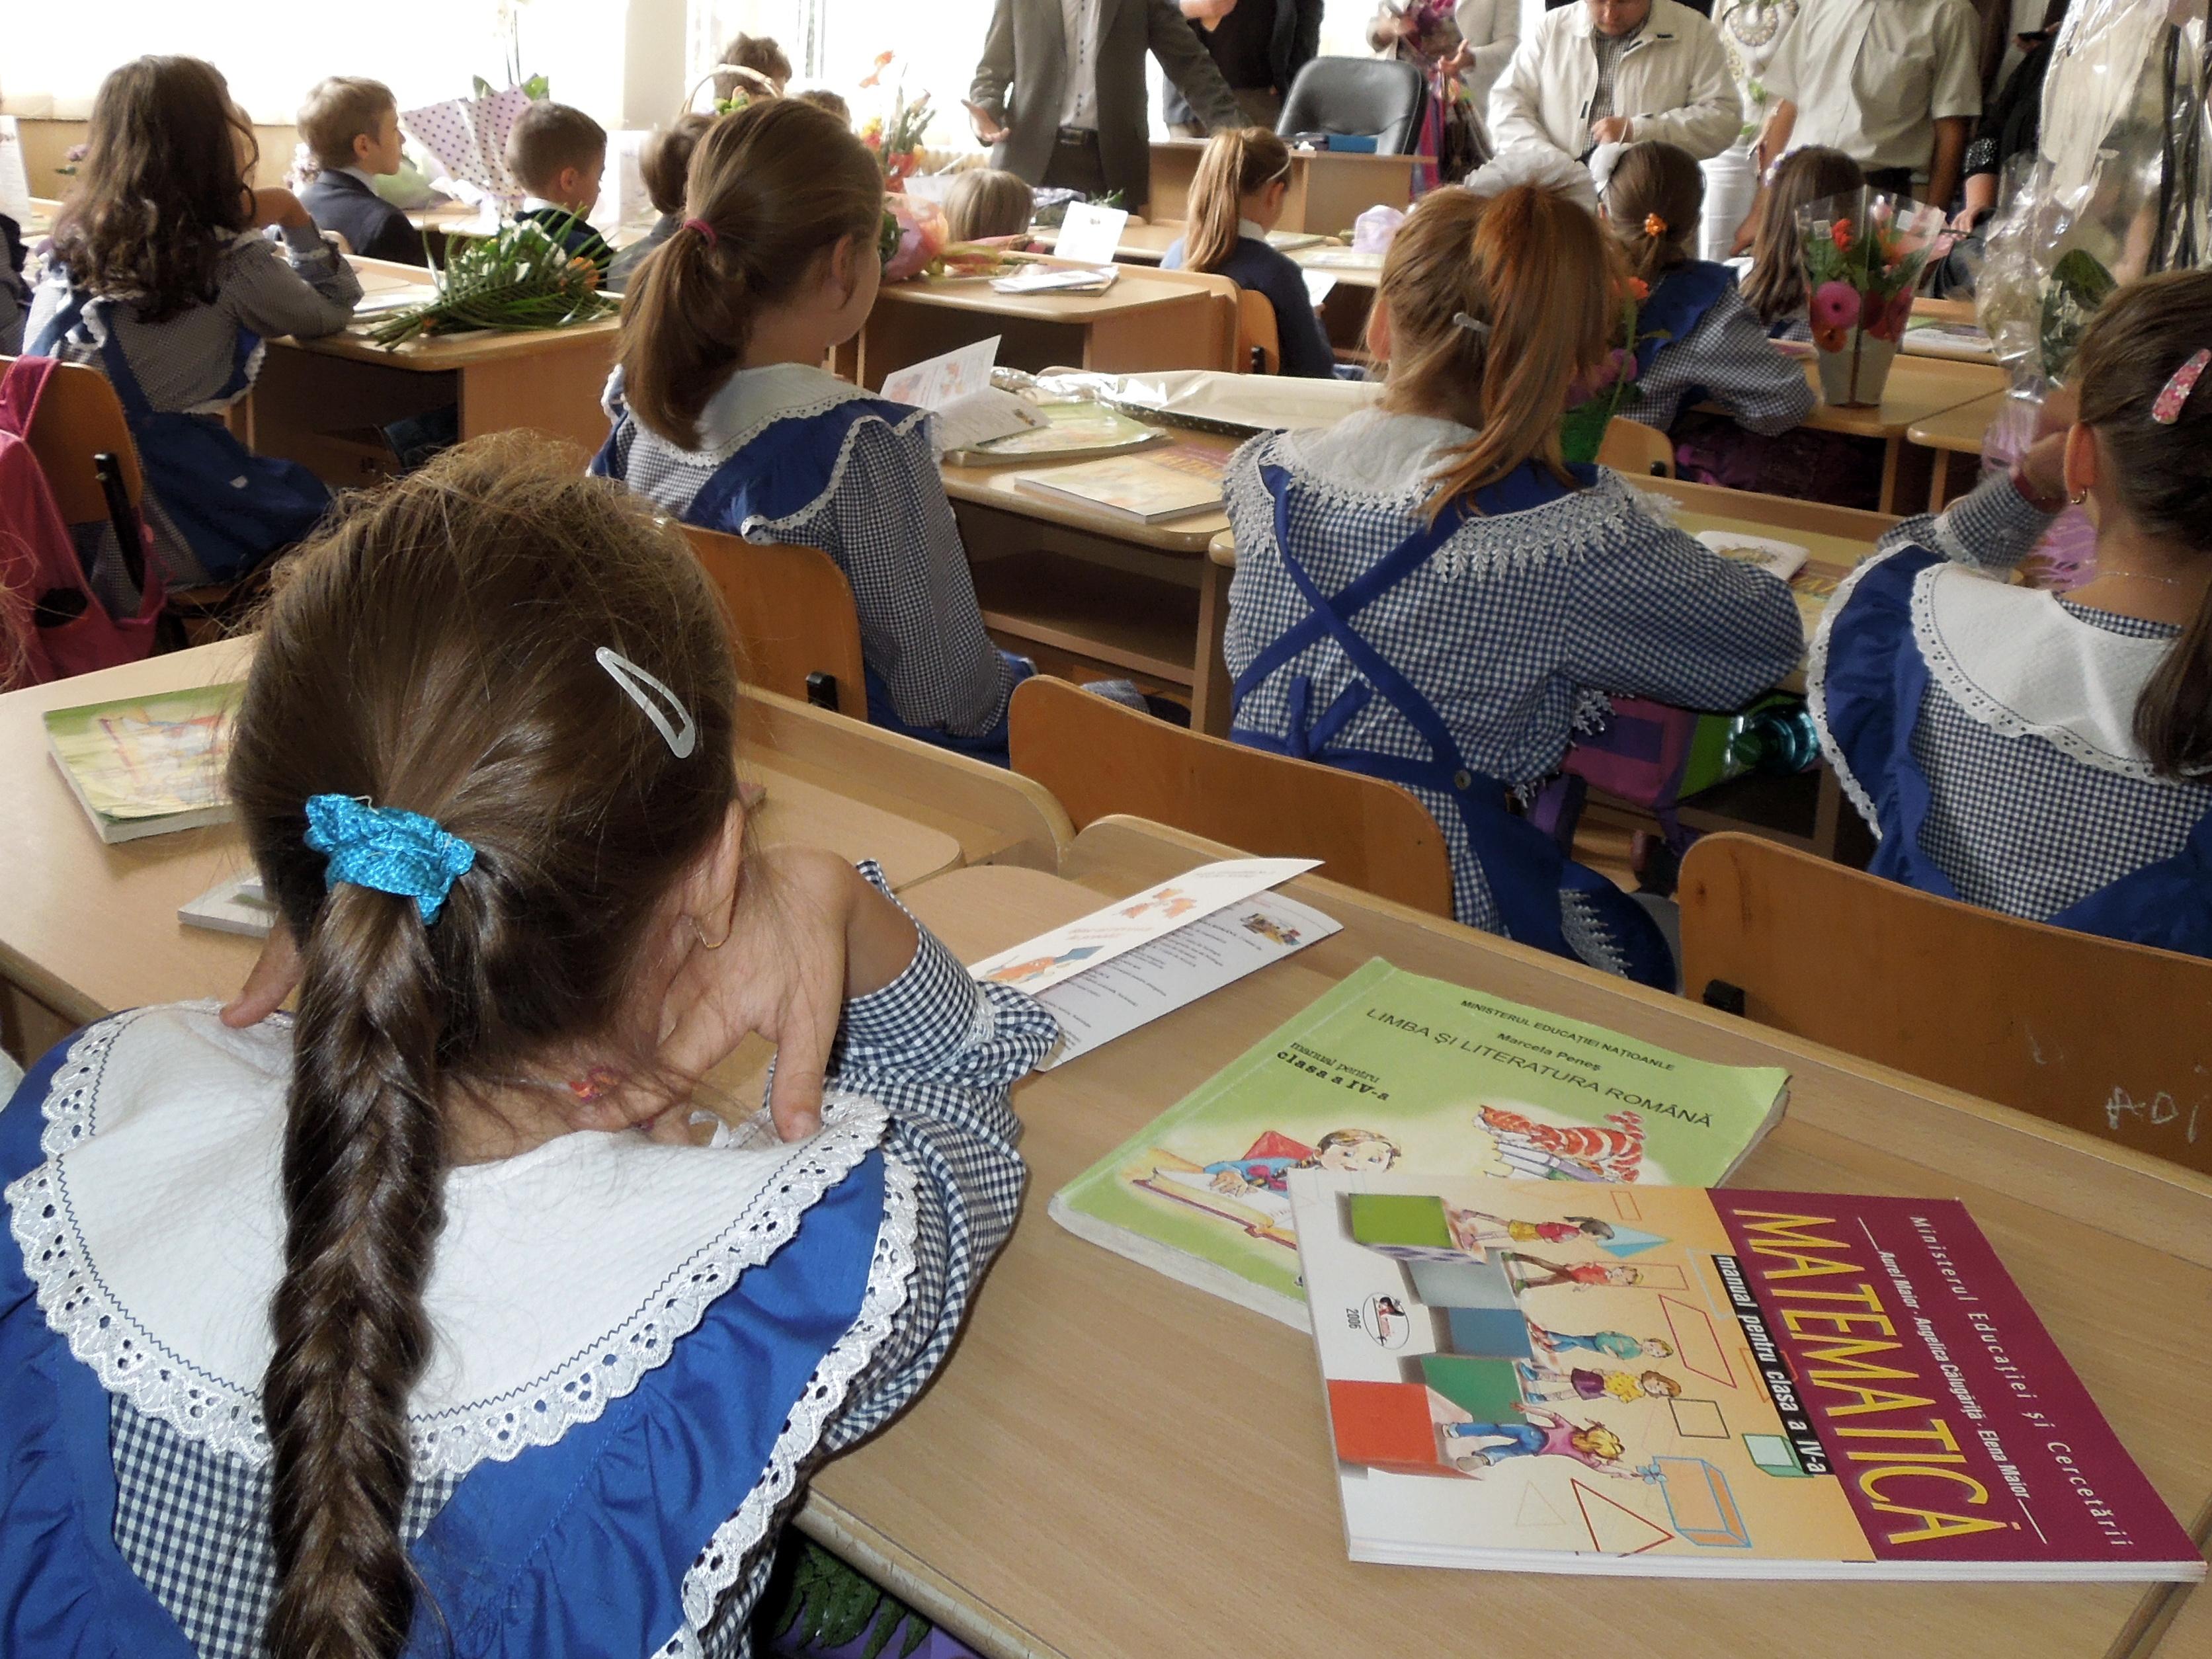 Fotografie realizată într-o şcoală din România, în prima zi a anoului an şcolar